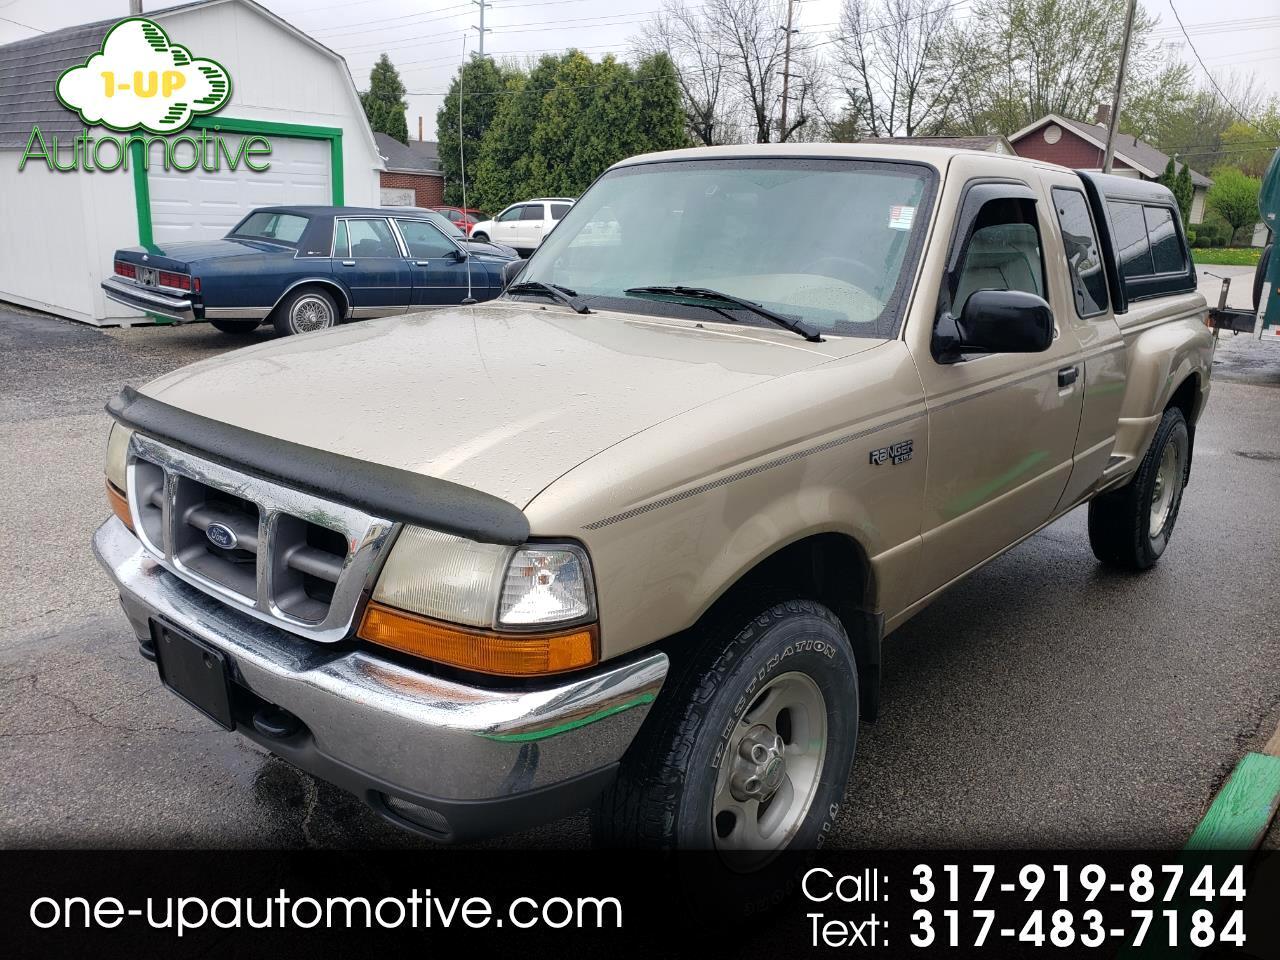 1999 Ford Ranger XLT 2dr 4WD Extended Cab Stepside SB